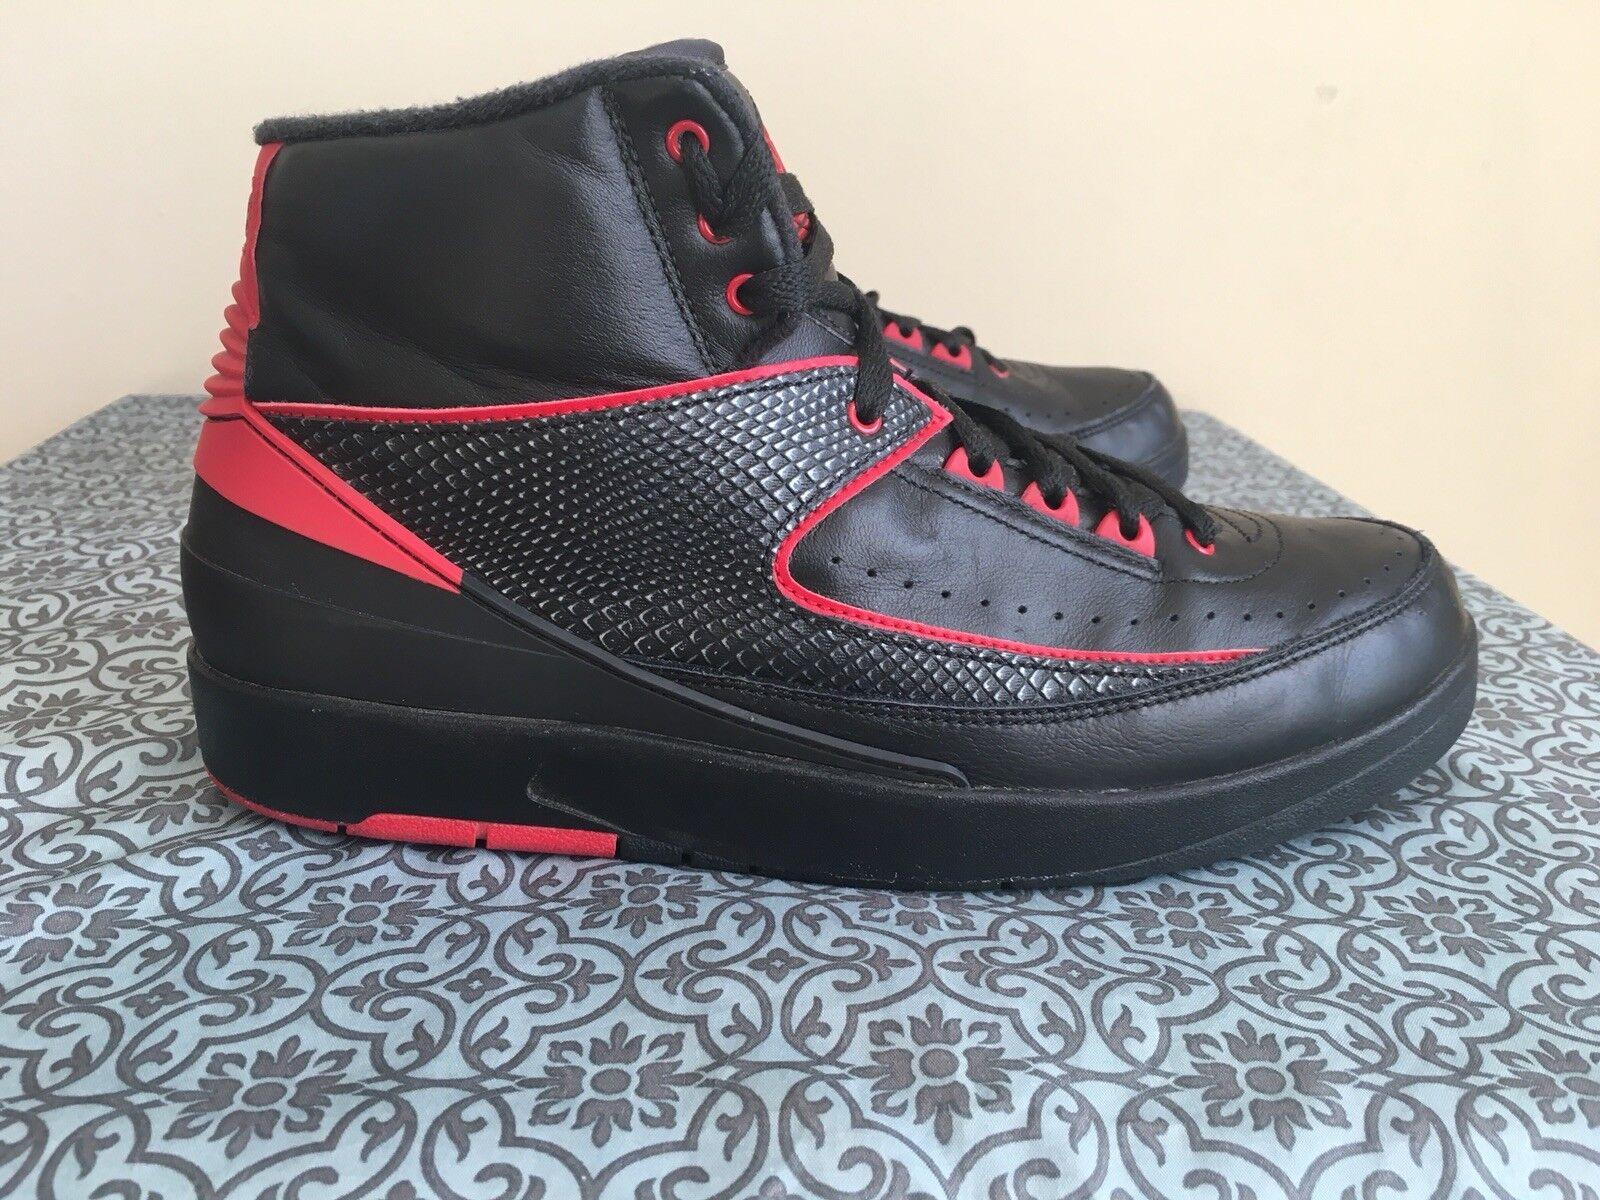 Retro Air Jordan 2